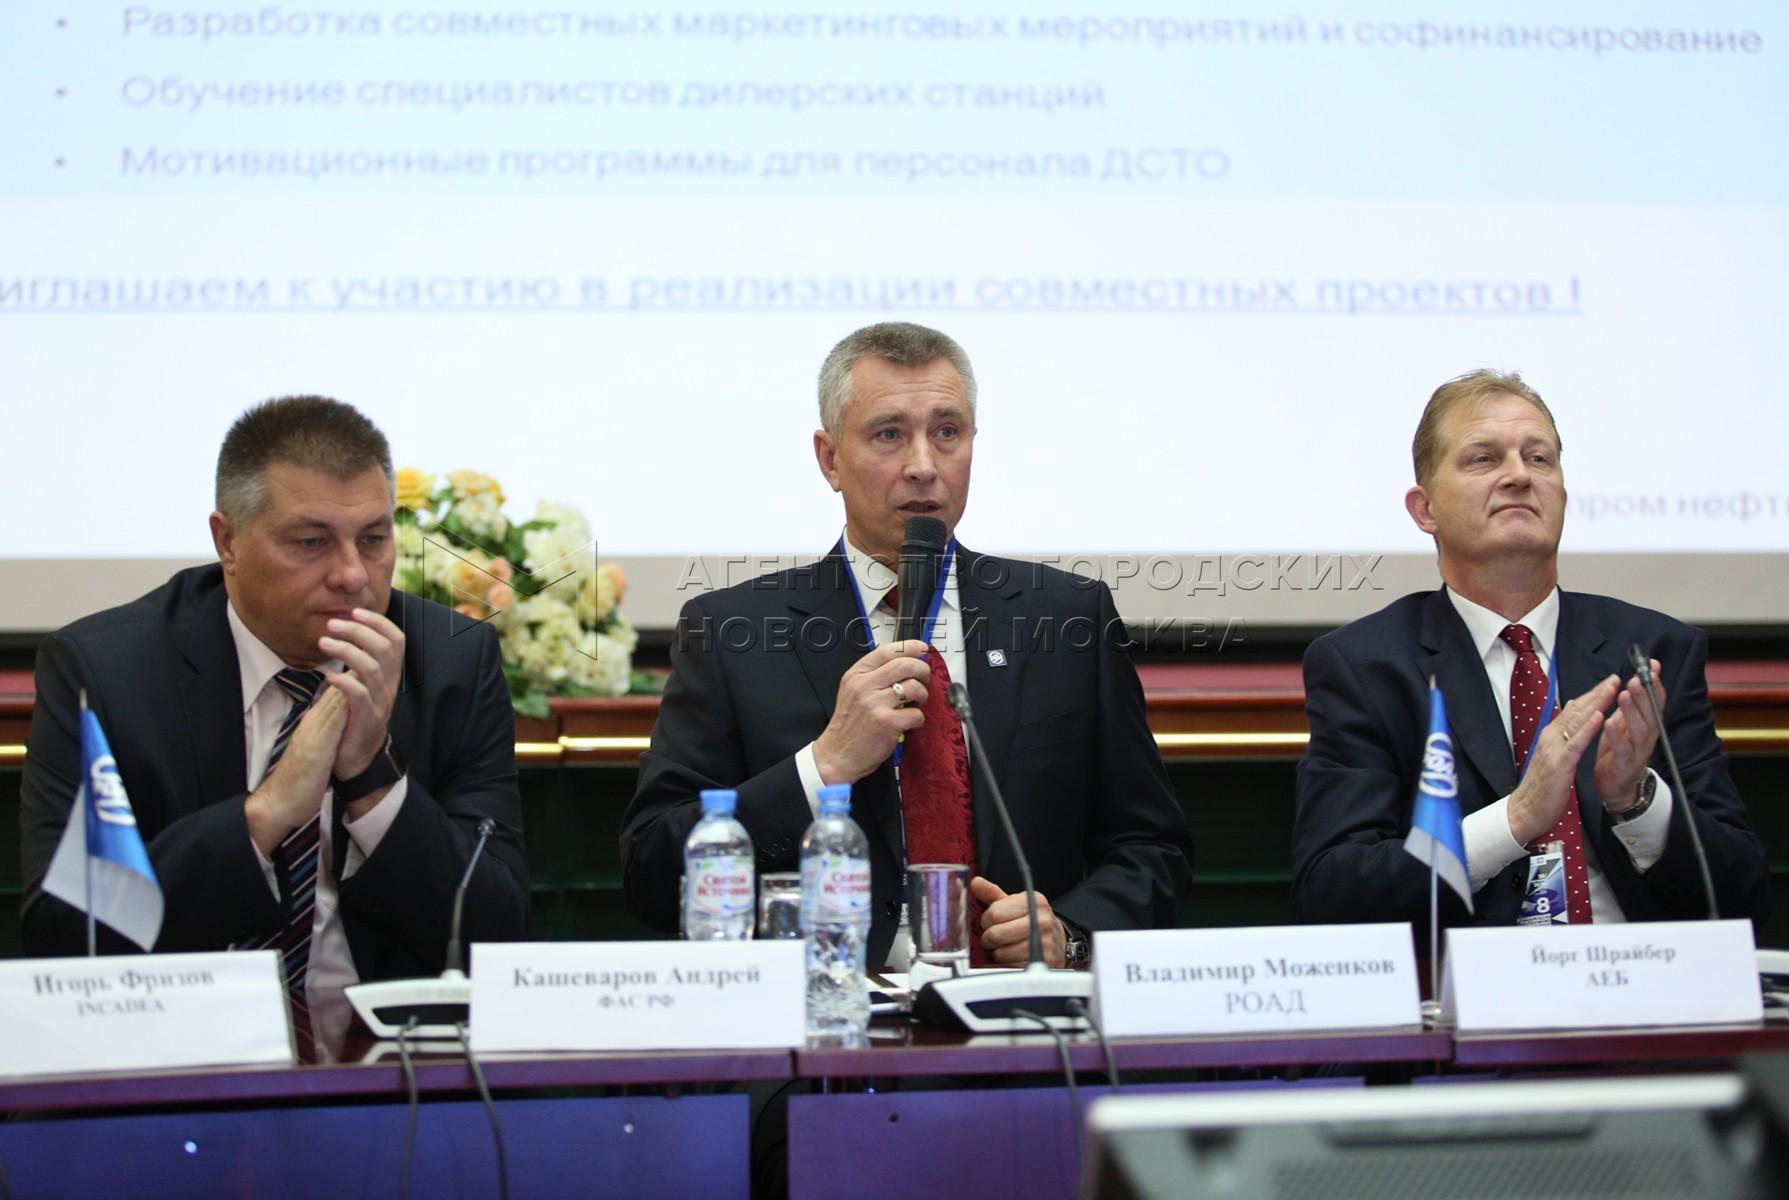 Представитель ФАС РФ Андрей Кашеваров (слева), президент РОАД Владимир Моженков (в центре), представитель АЕБ Йорг (справа) на профессиональной конференции Росавтодилер-2016